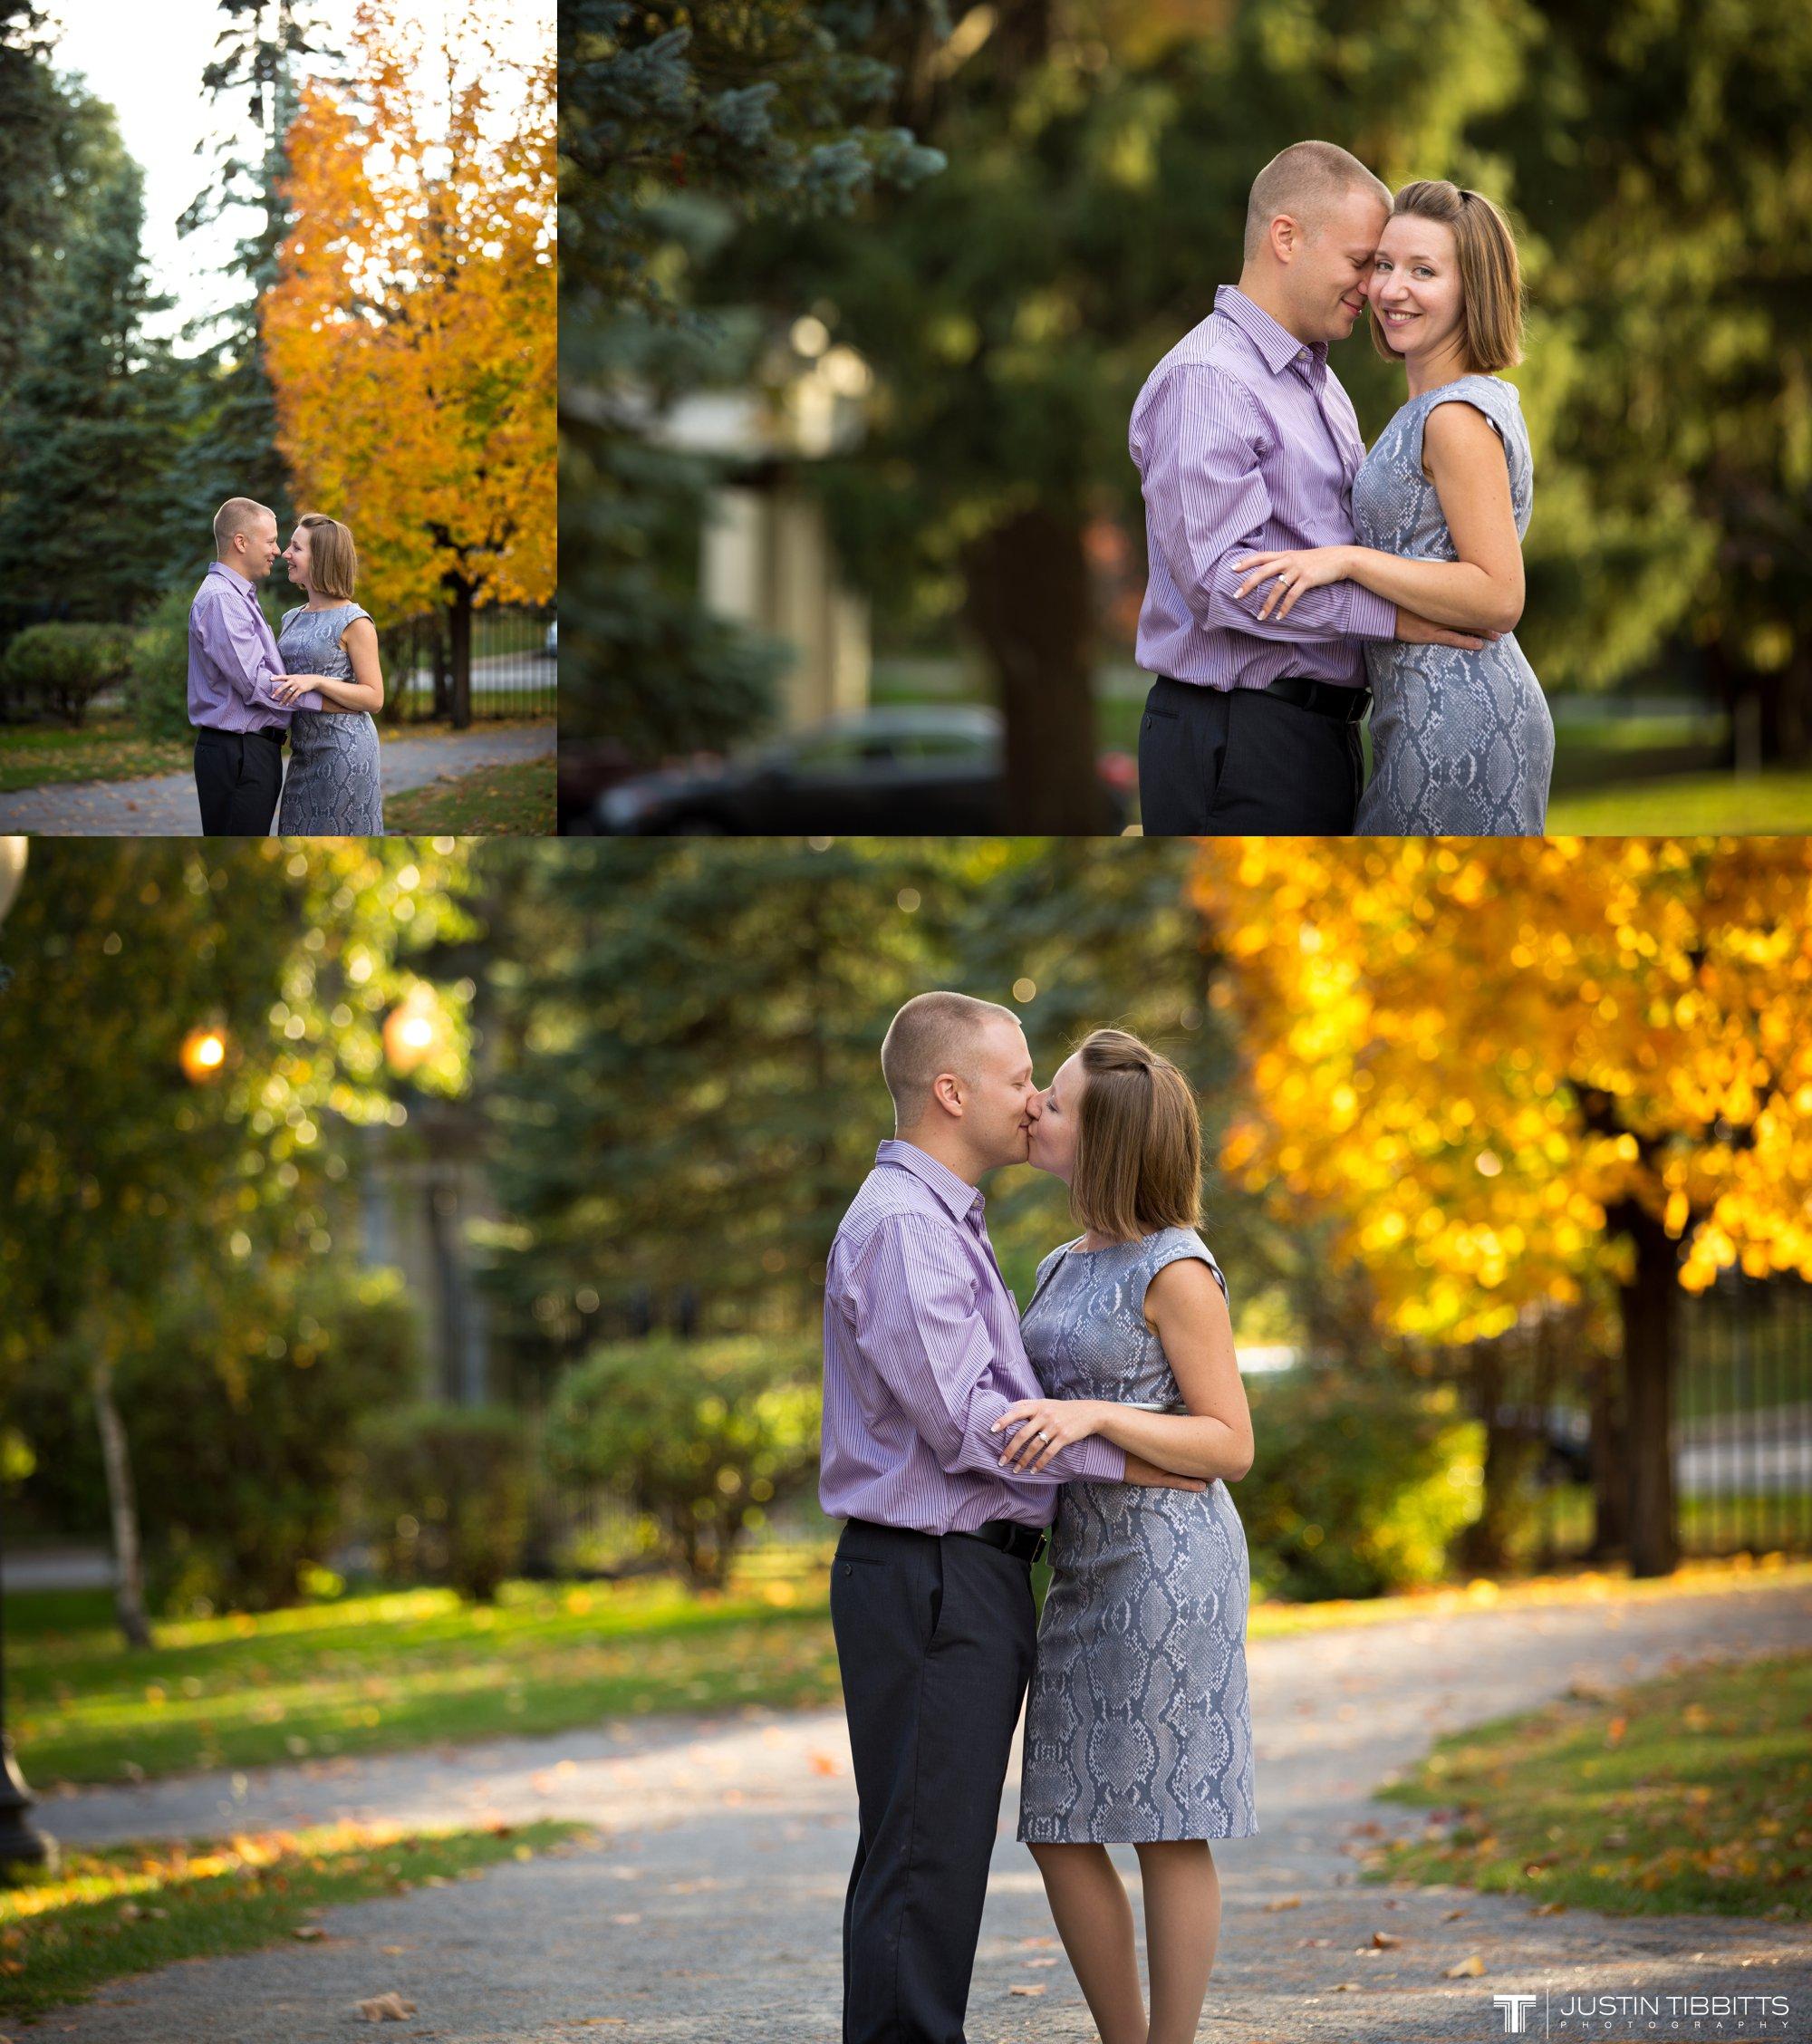 Justin Tibbitts Photography Heather and Stephen Congress Park, Saratoga, NY E-shoot-98